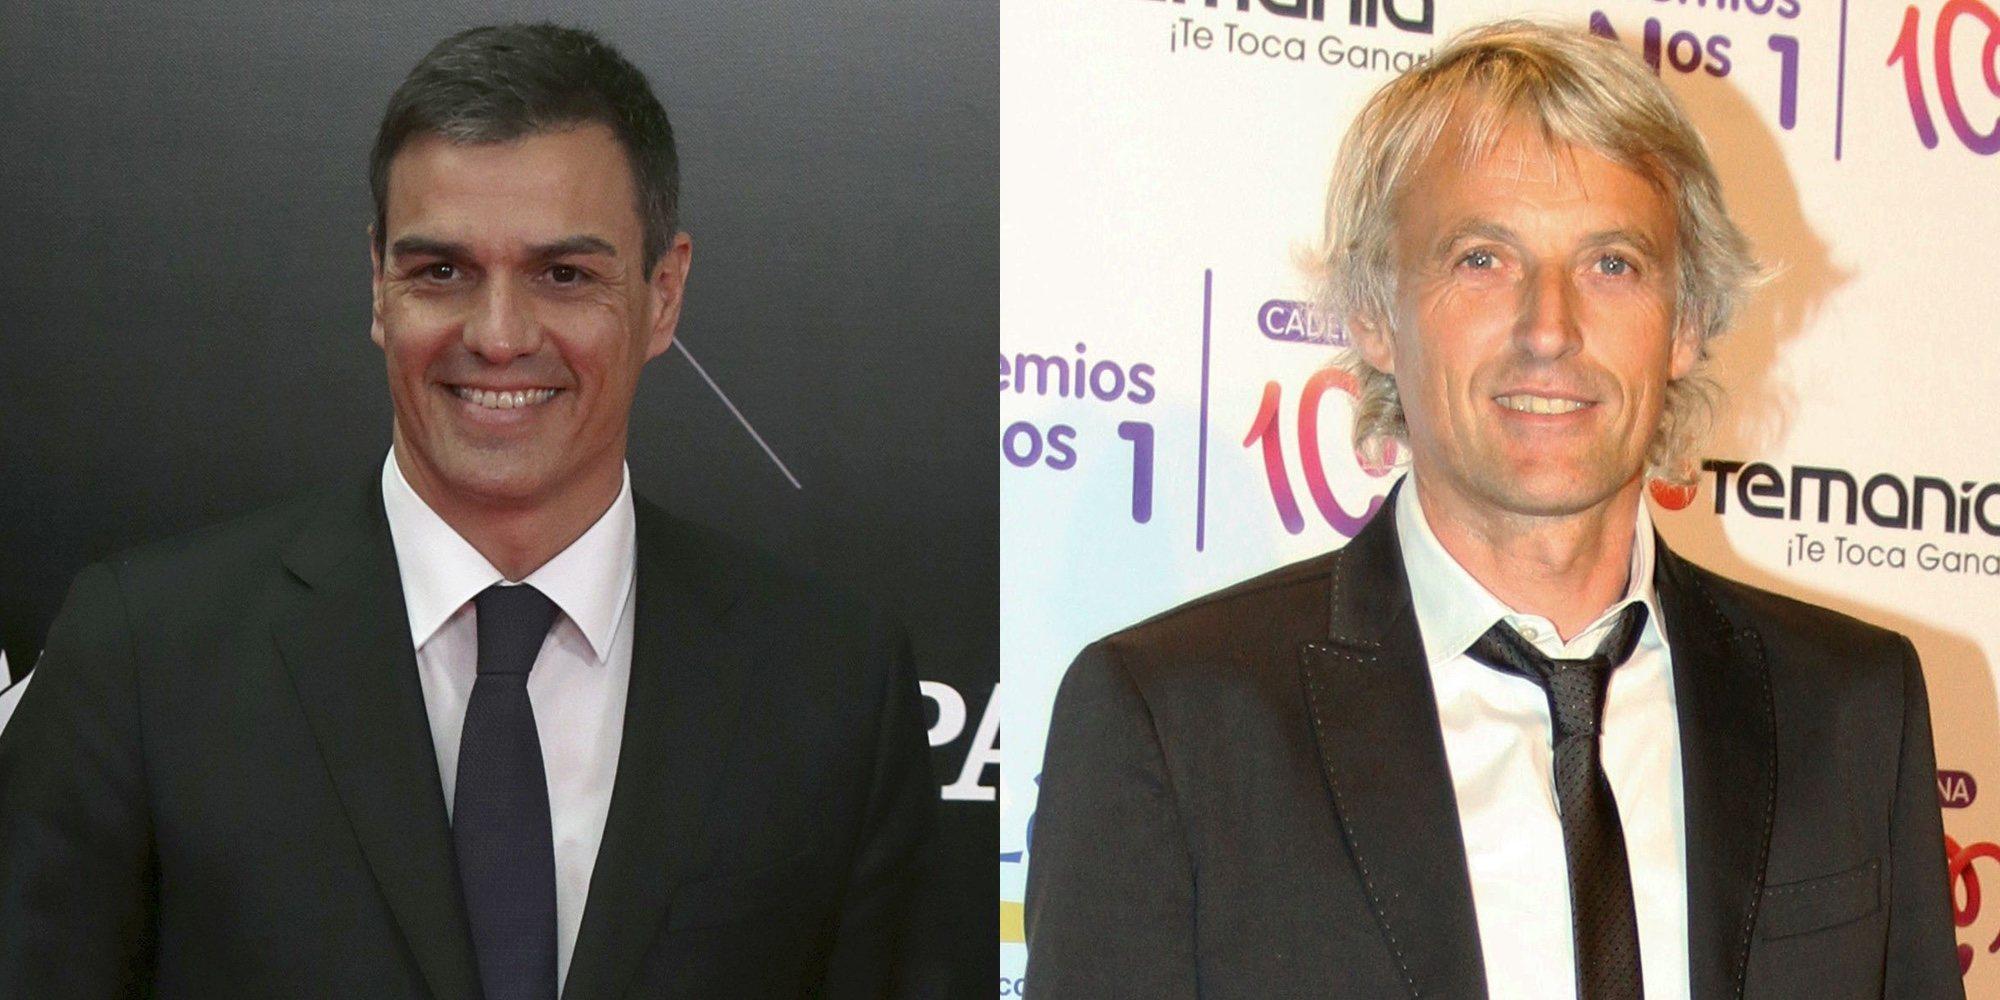 Jesús Calleja rechazó ser Ministro de Cultura y Deporte del Gobierno de Pedro Sánchez